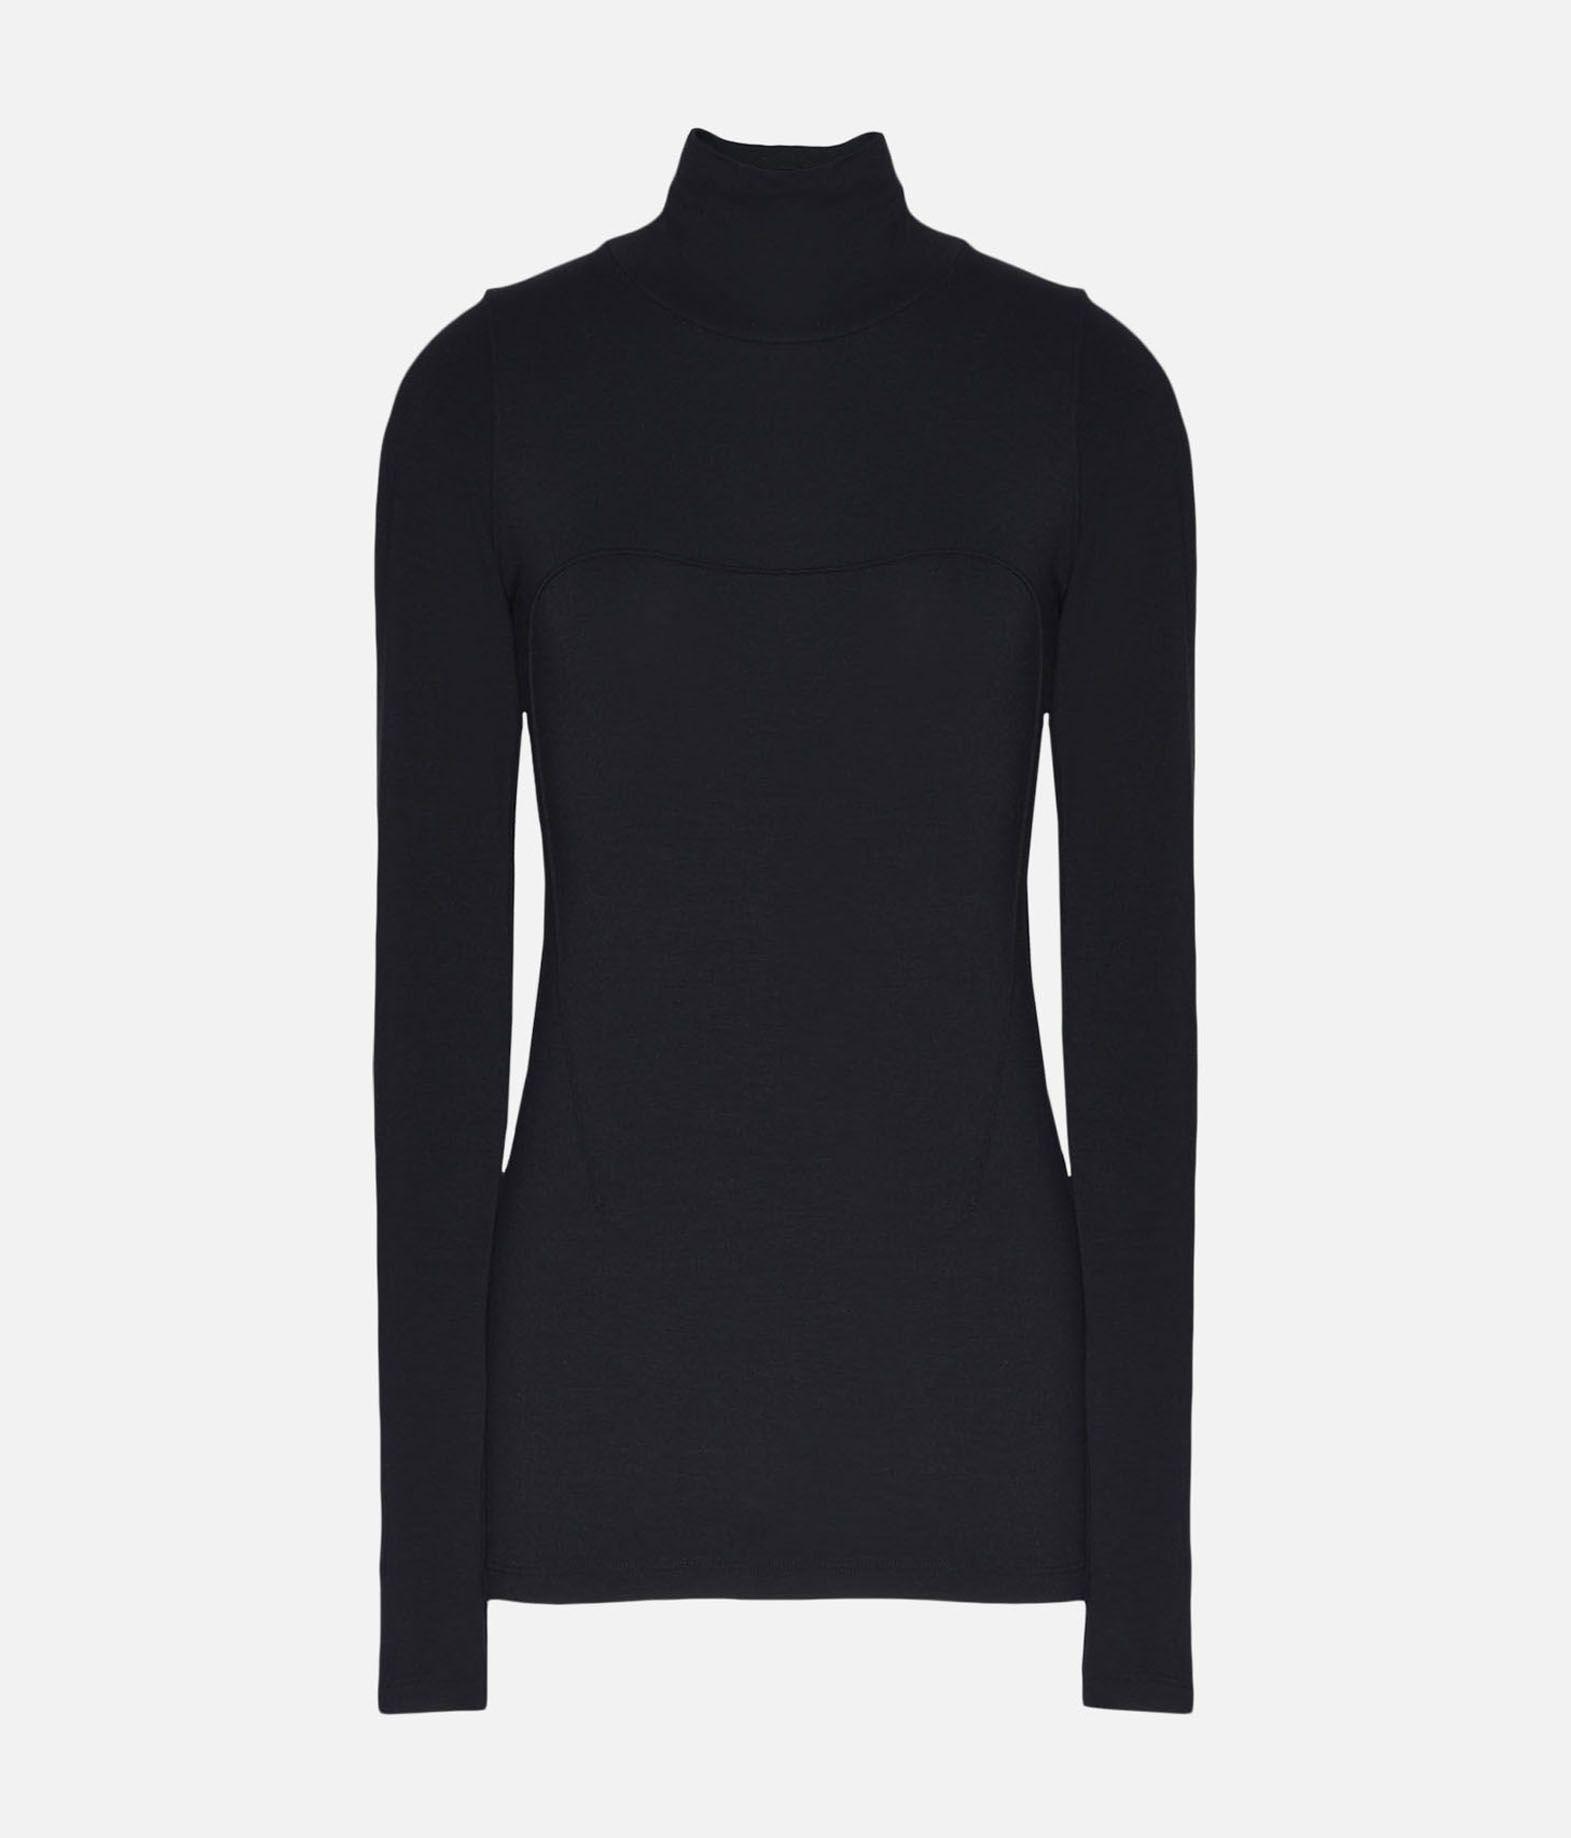 Y-3 Y-3 Prime Wool Tee Long sleeve t-shirt Woman f